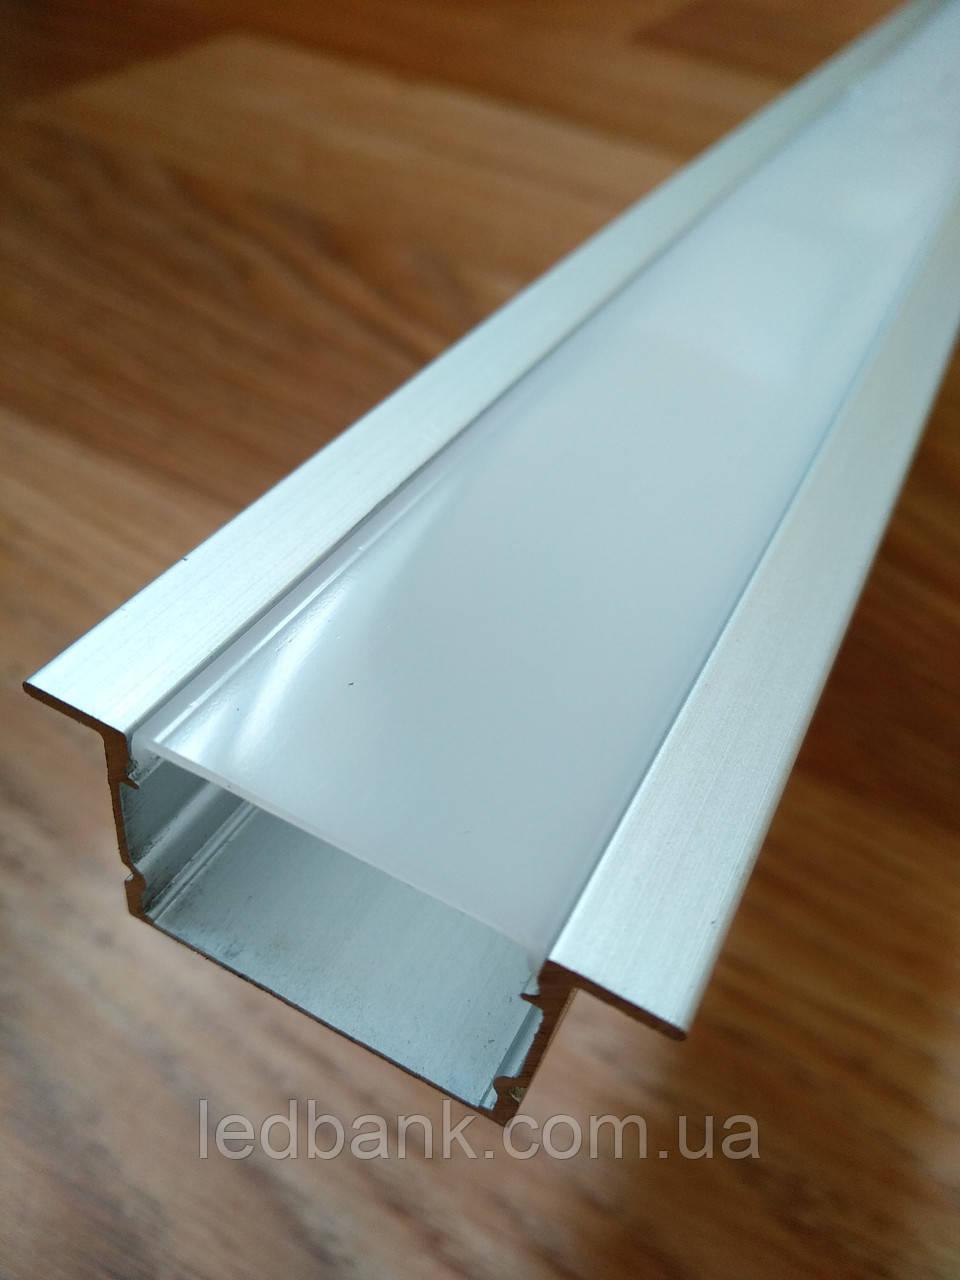 Профиль алюминиевый врезной ЛПВ20 20х30 анодированный (планка 2м) + рассеиватель